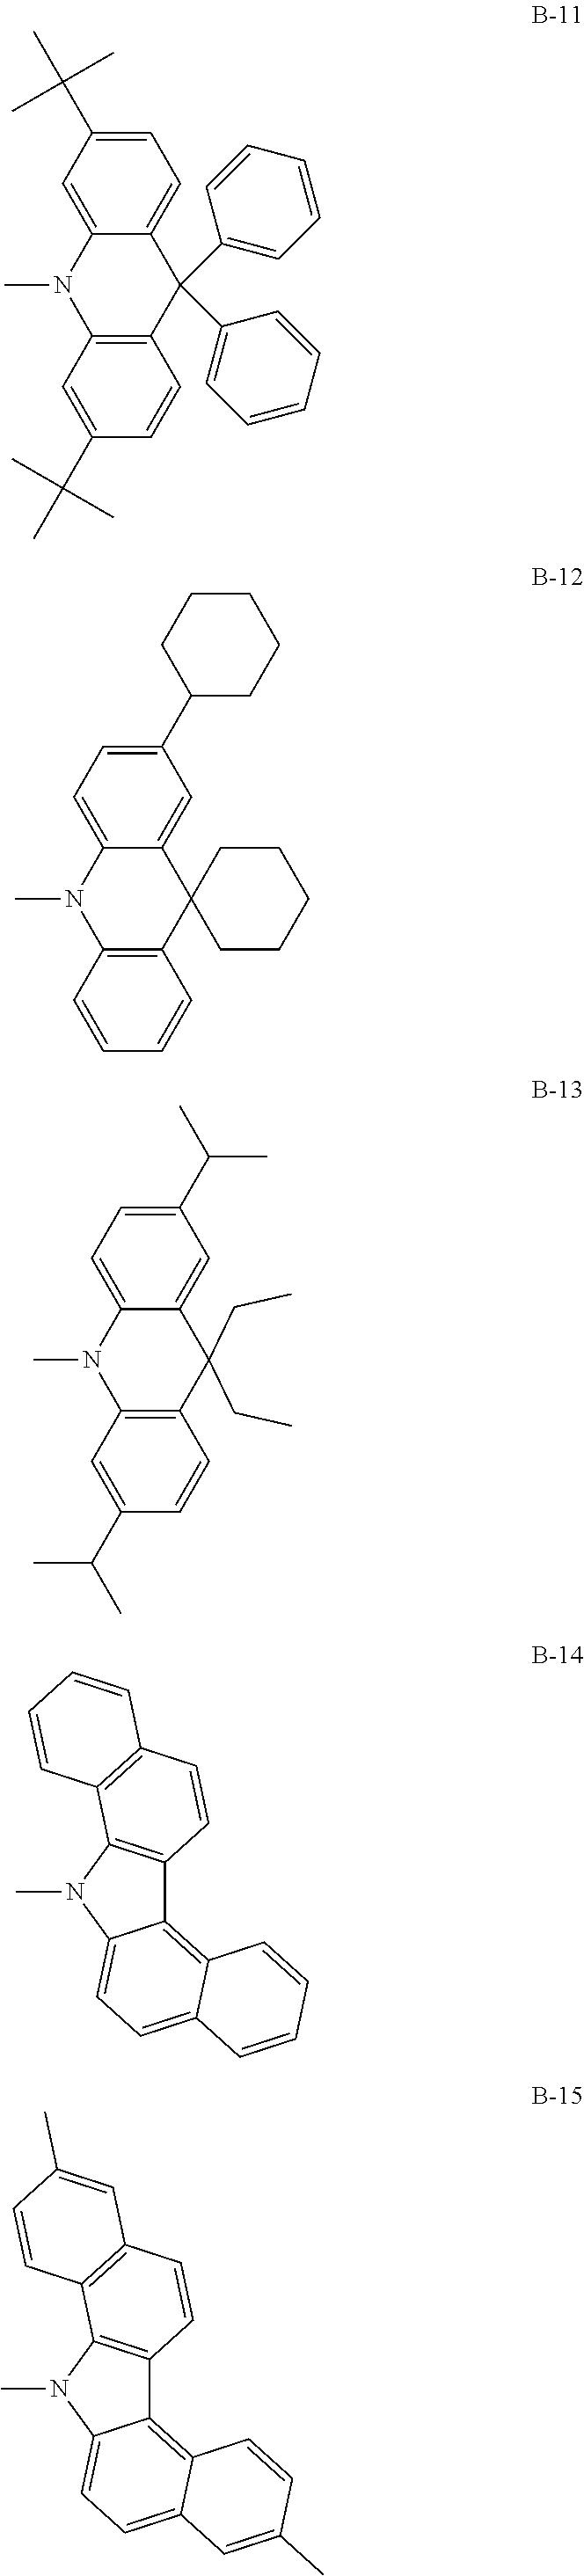 Figure US08847141-20140930-C00032